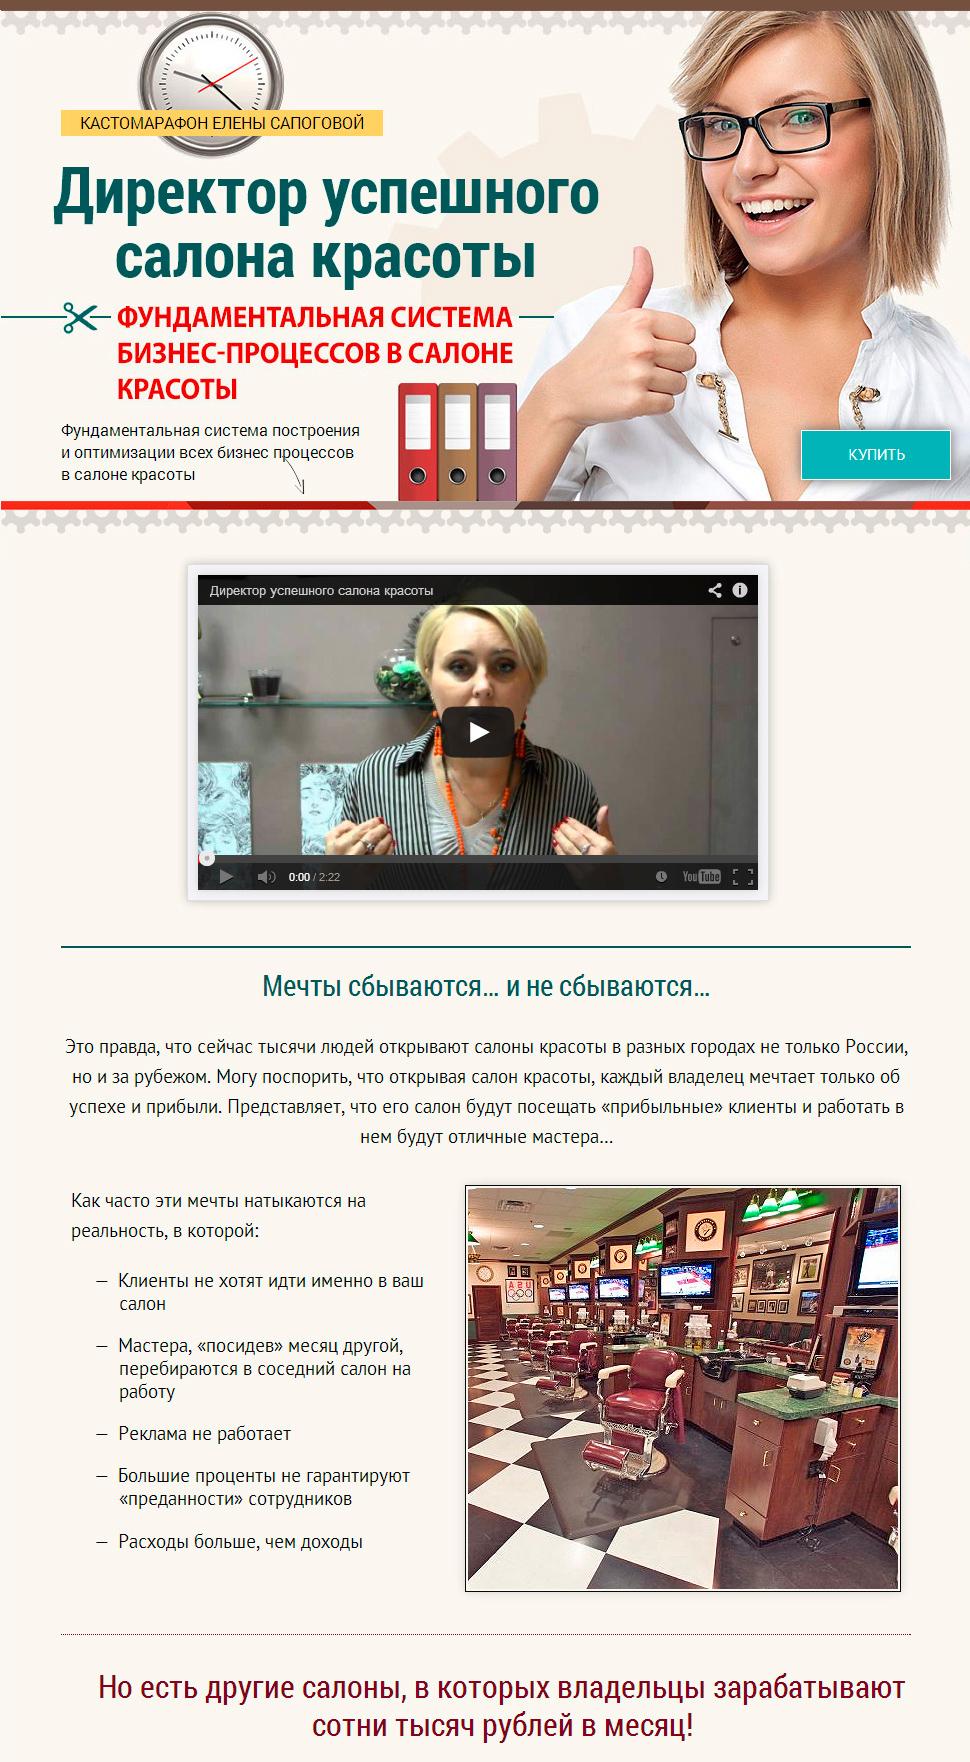 Промо-сайт «Директор успешного салона красоты» для Елены Сапоговой